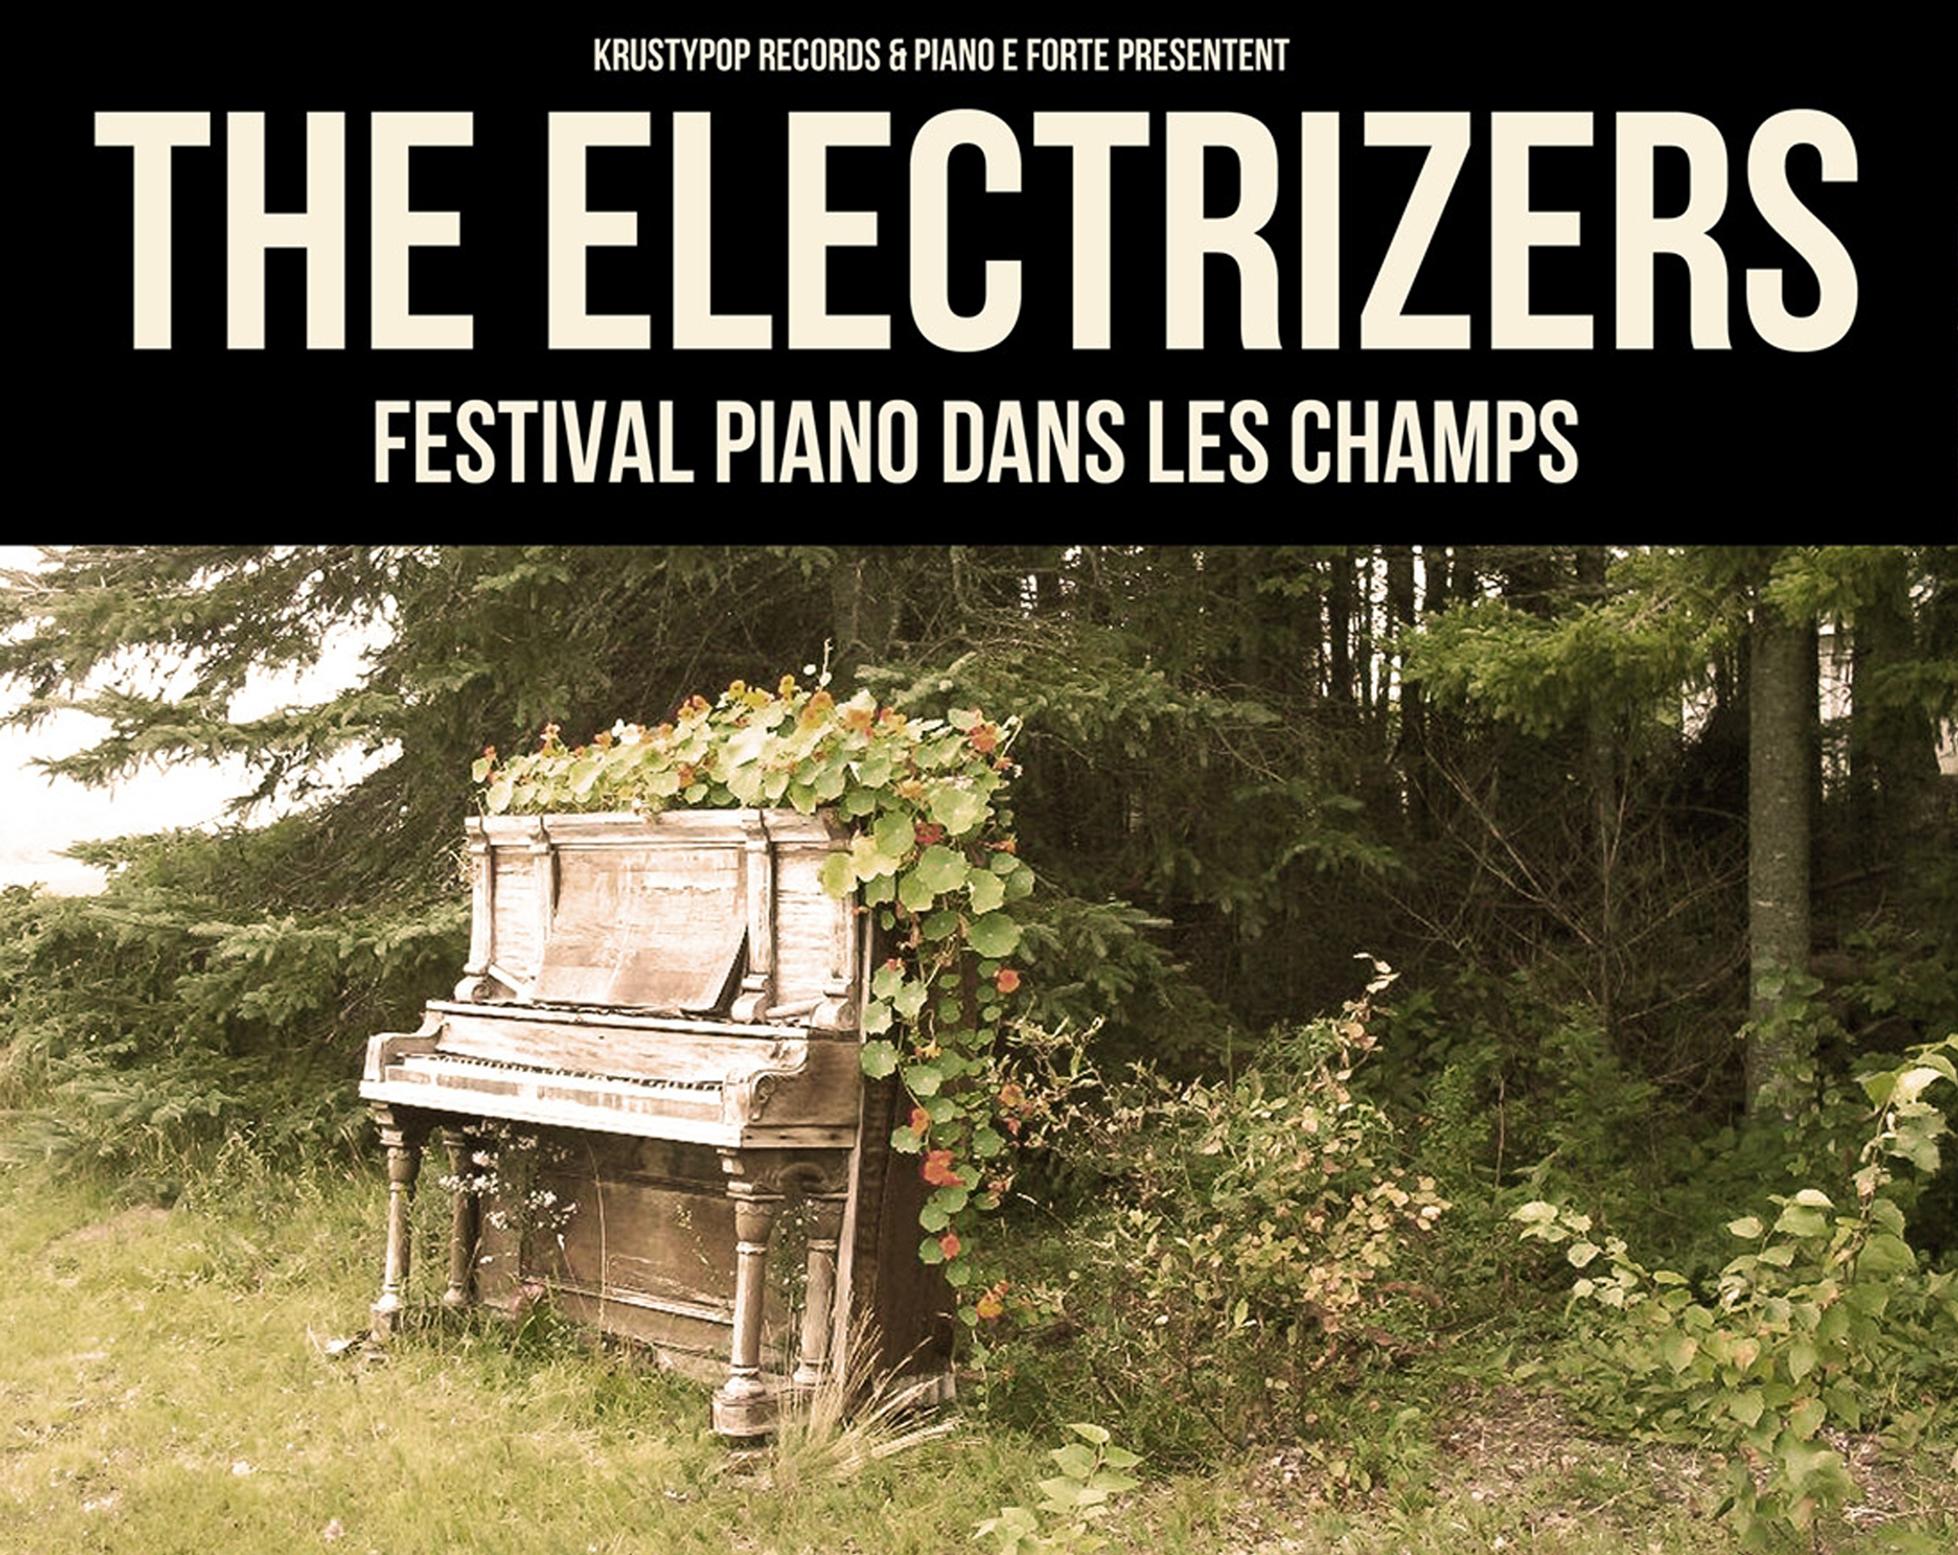 L'actu de juin des The Electrizers